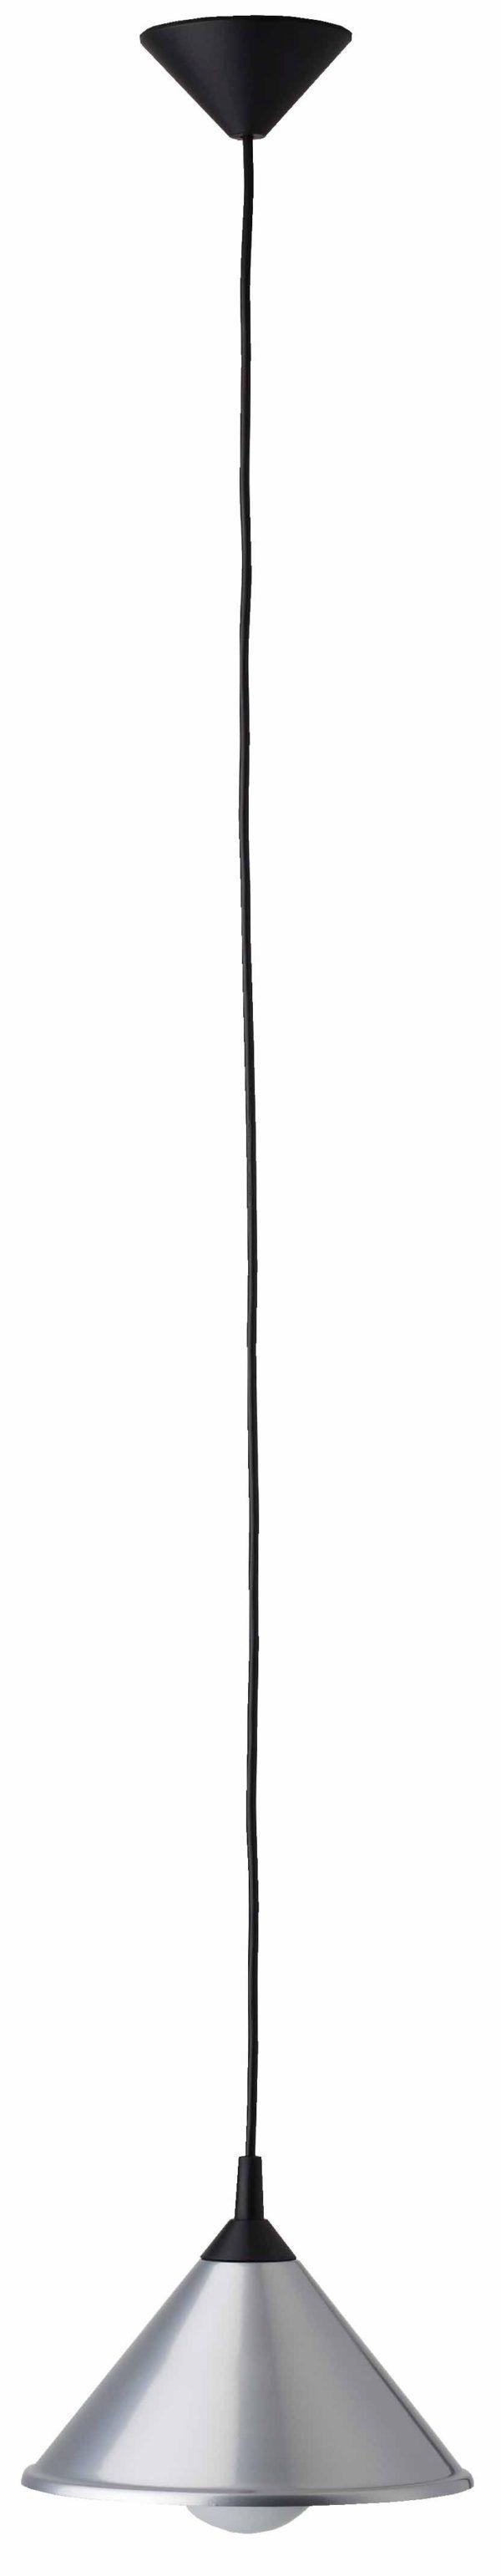 Lampa wisząca BISTRO - 11170/11